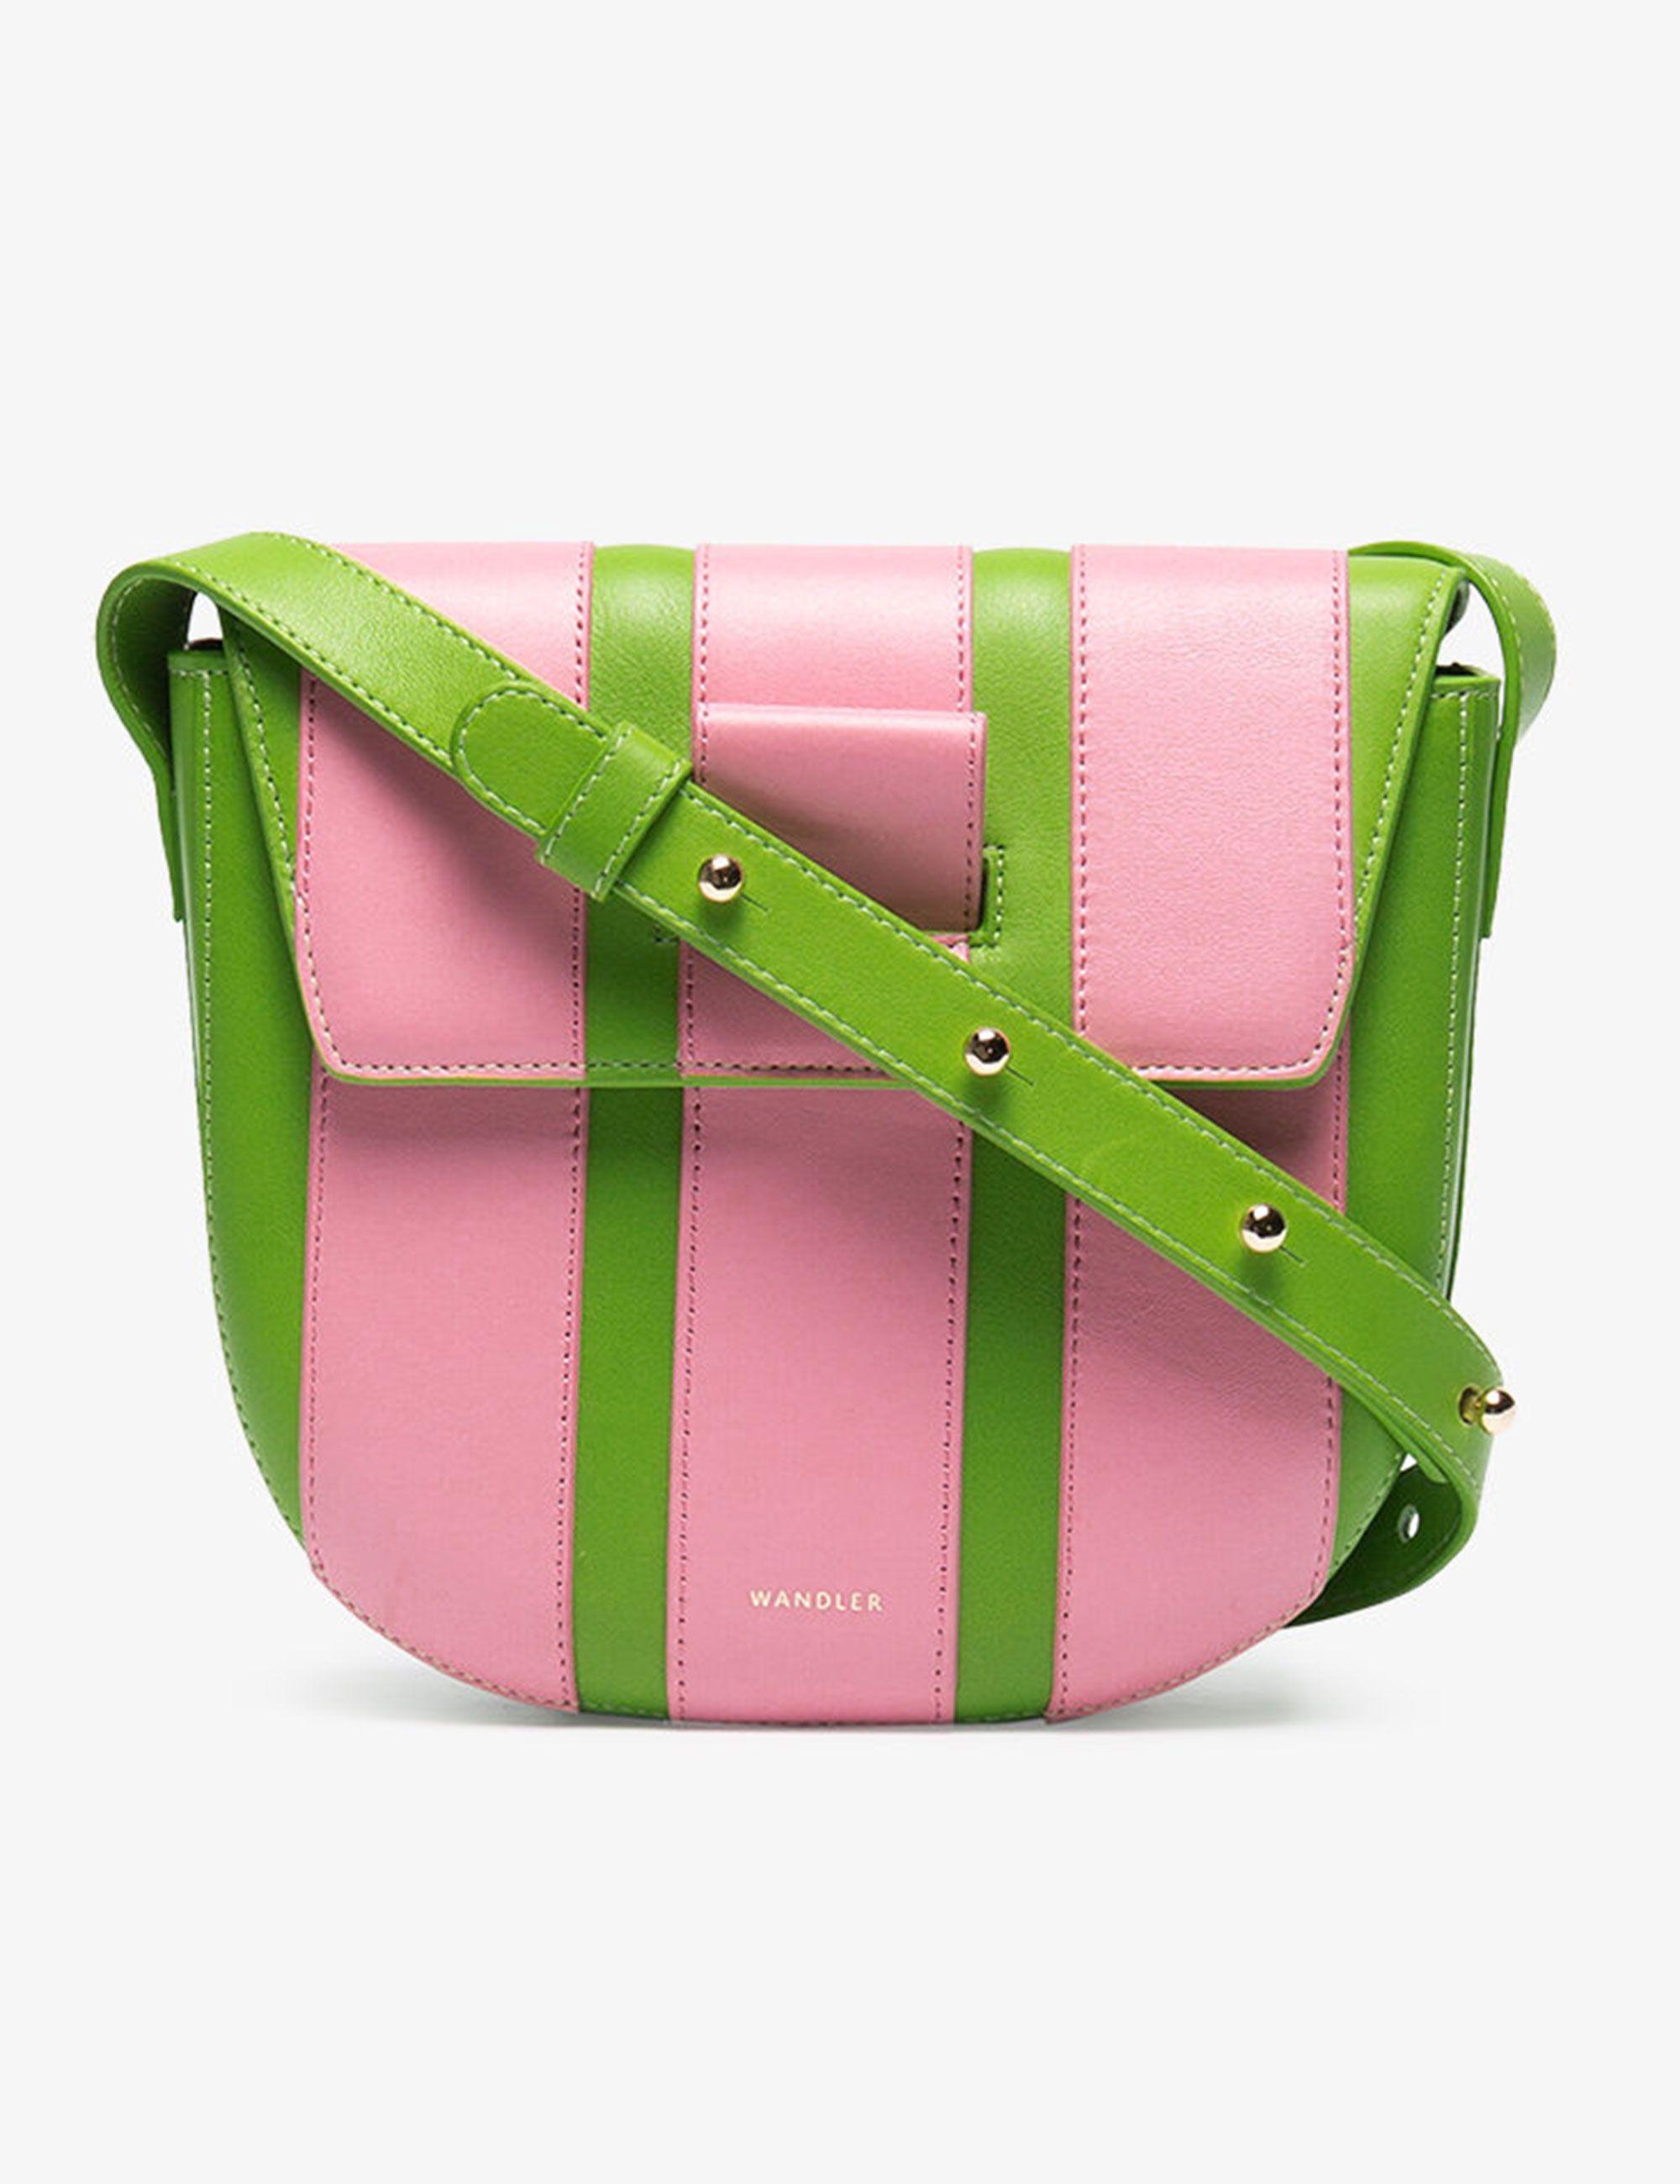 Wandler bag